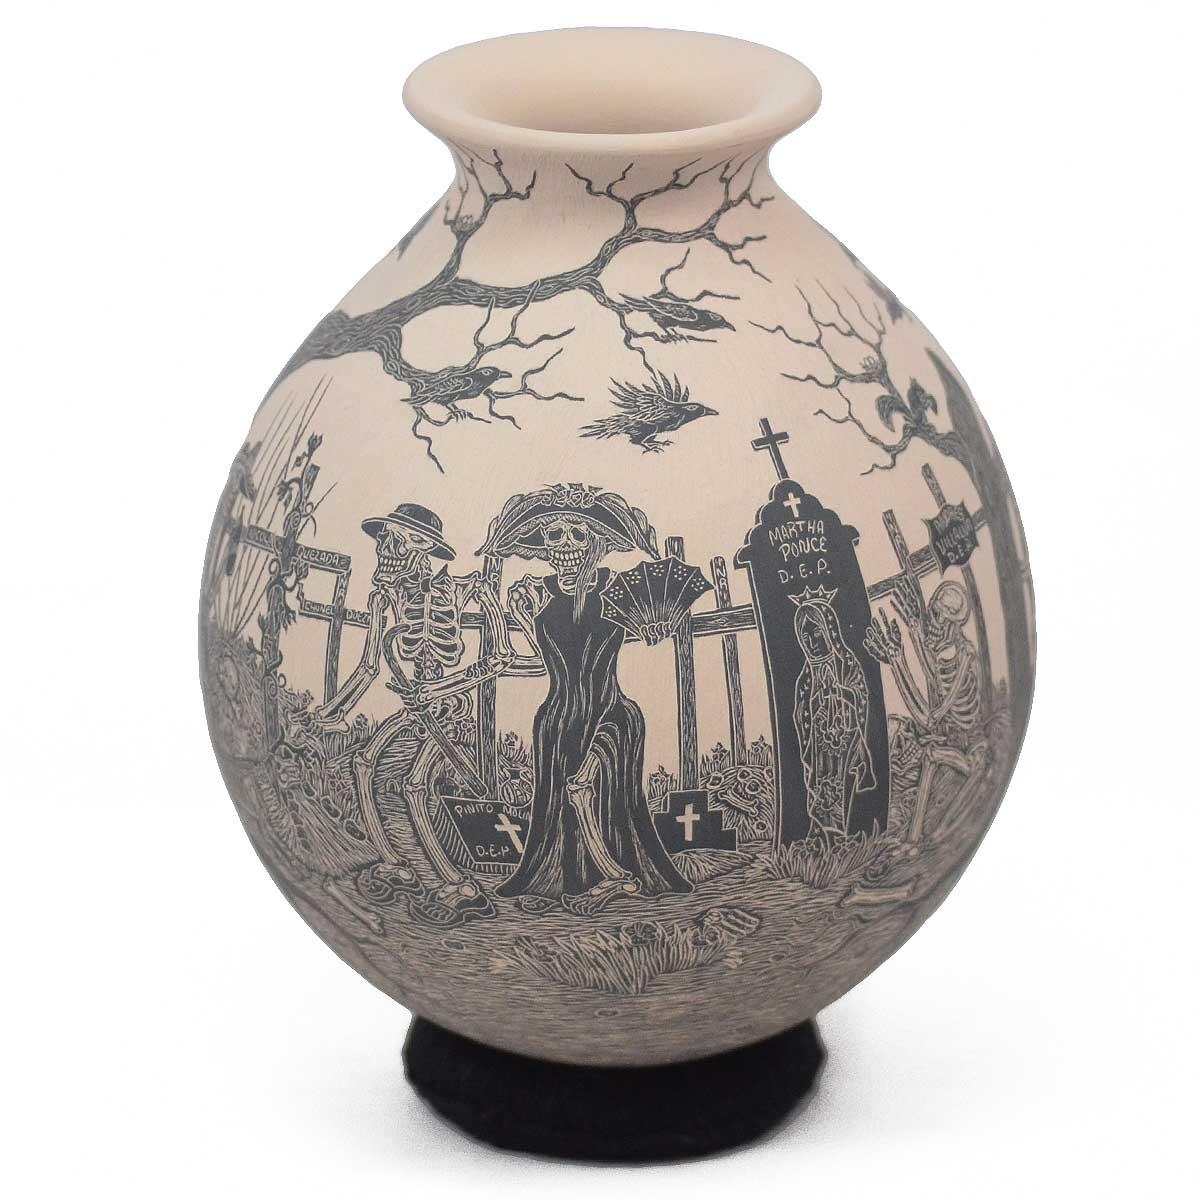 Mata Ortiz Pottery: Javier Martinez & Gaby Perez: Etched Day of the Dead / Día de los Muertos